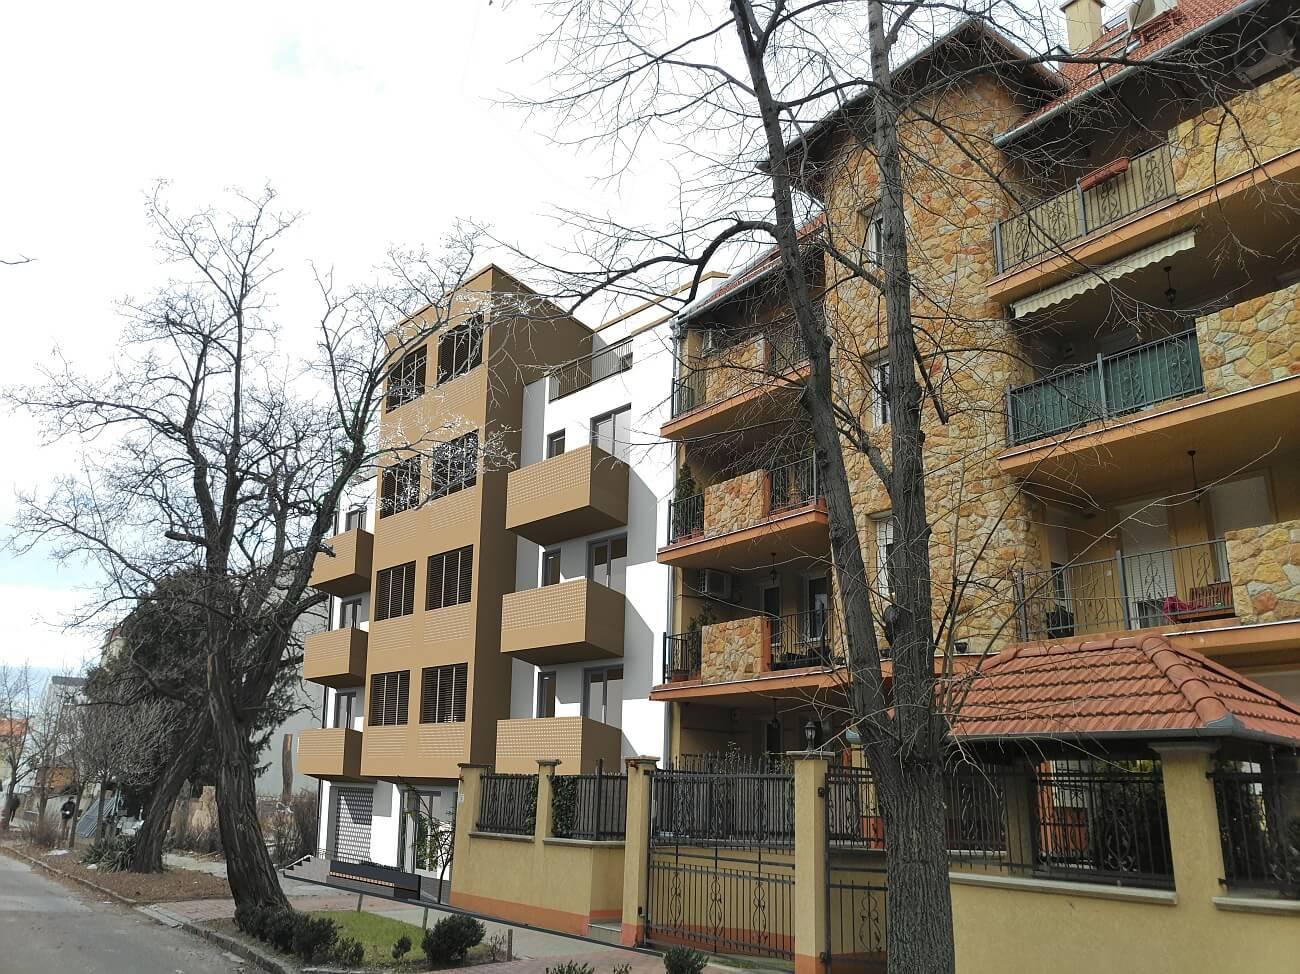 Hogyan válasszunk tényleg kiváló minőségű új lakást!?